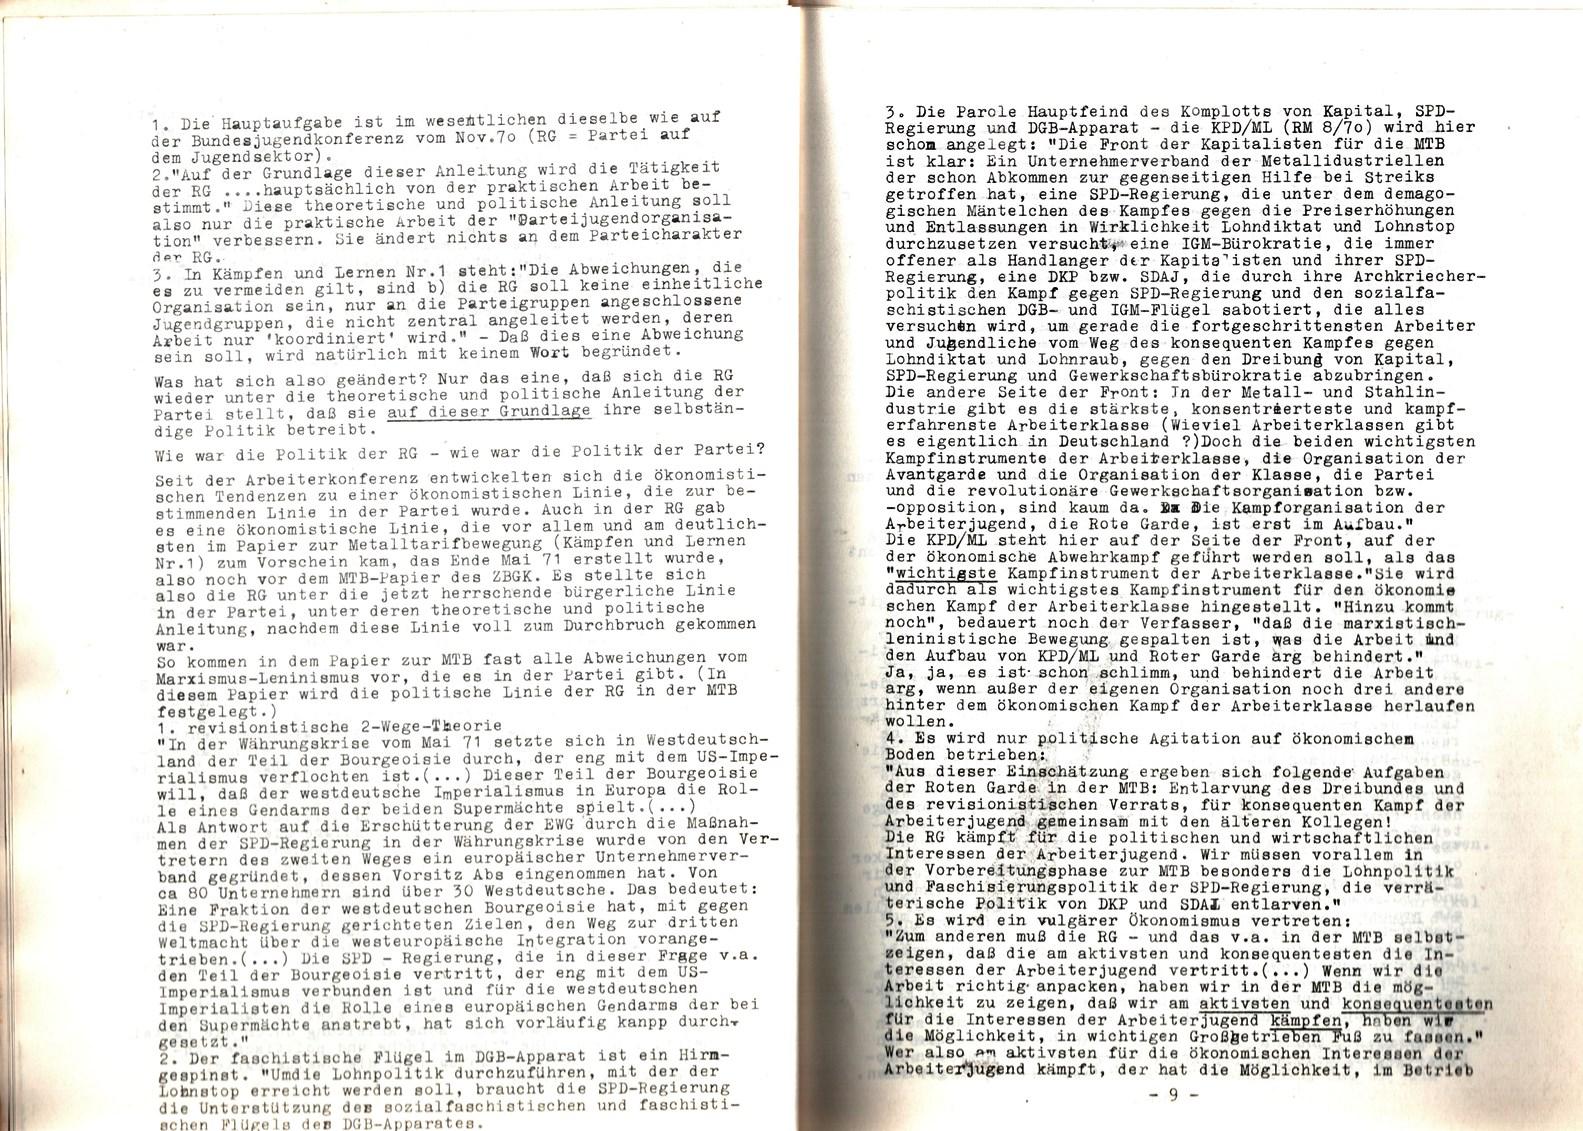 KPDML_1971_Analysen_und_Antraege_des_LV_Sued_West_041